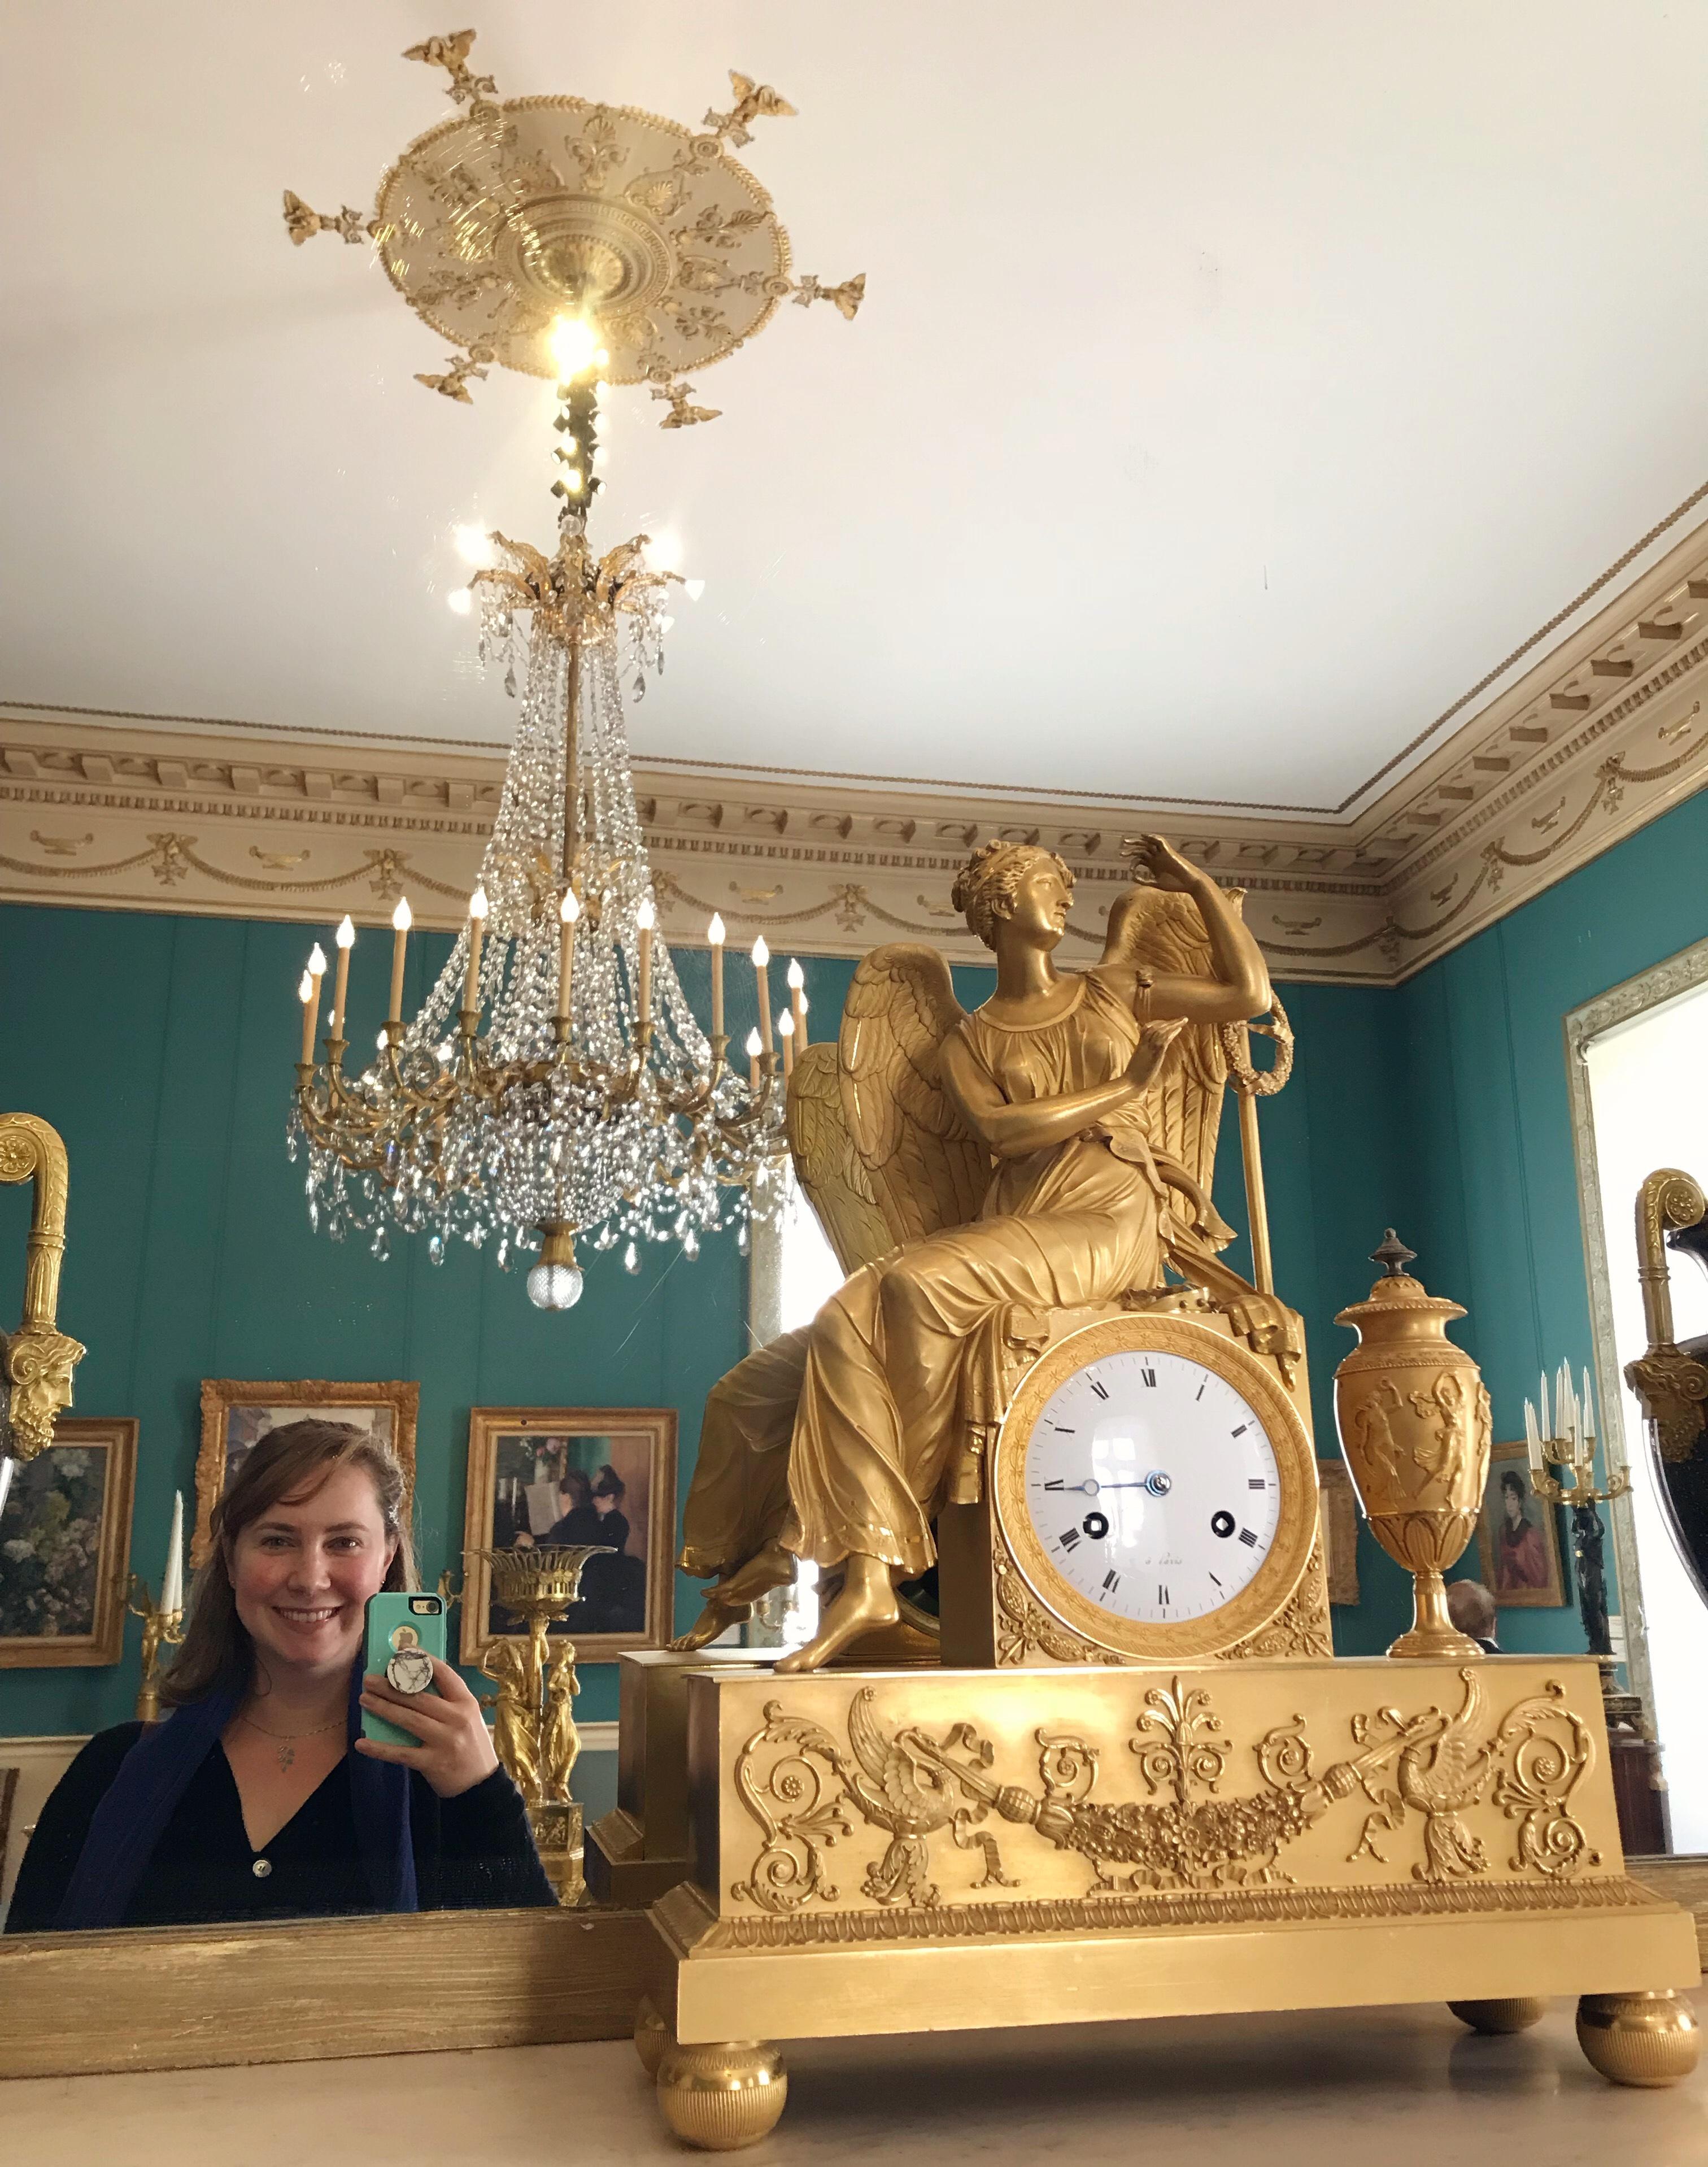 Solo female traveler at the Marmottan-Monet museum in Paris.